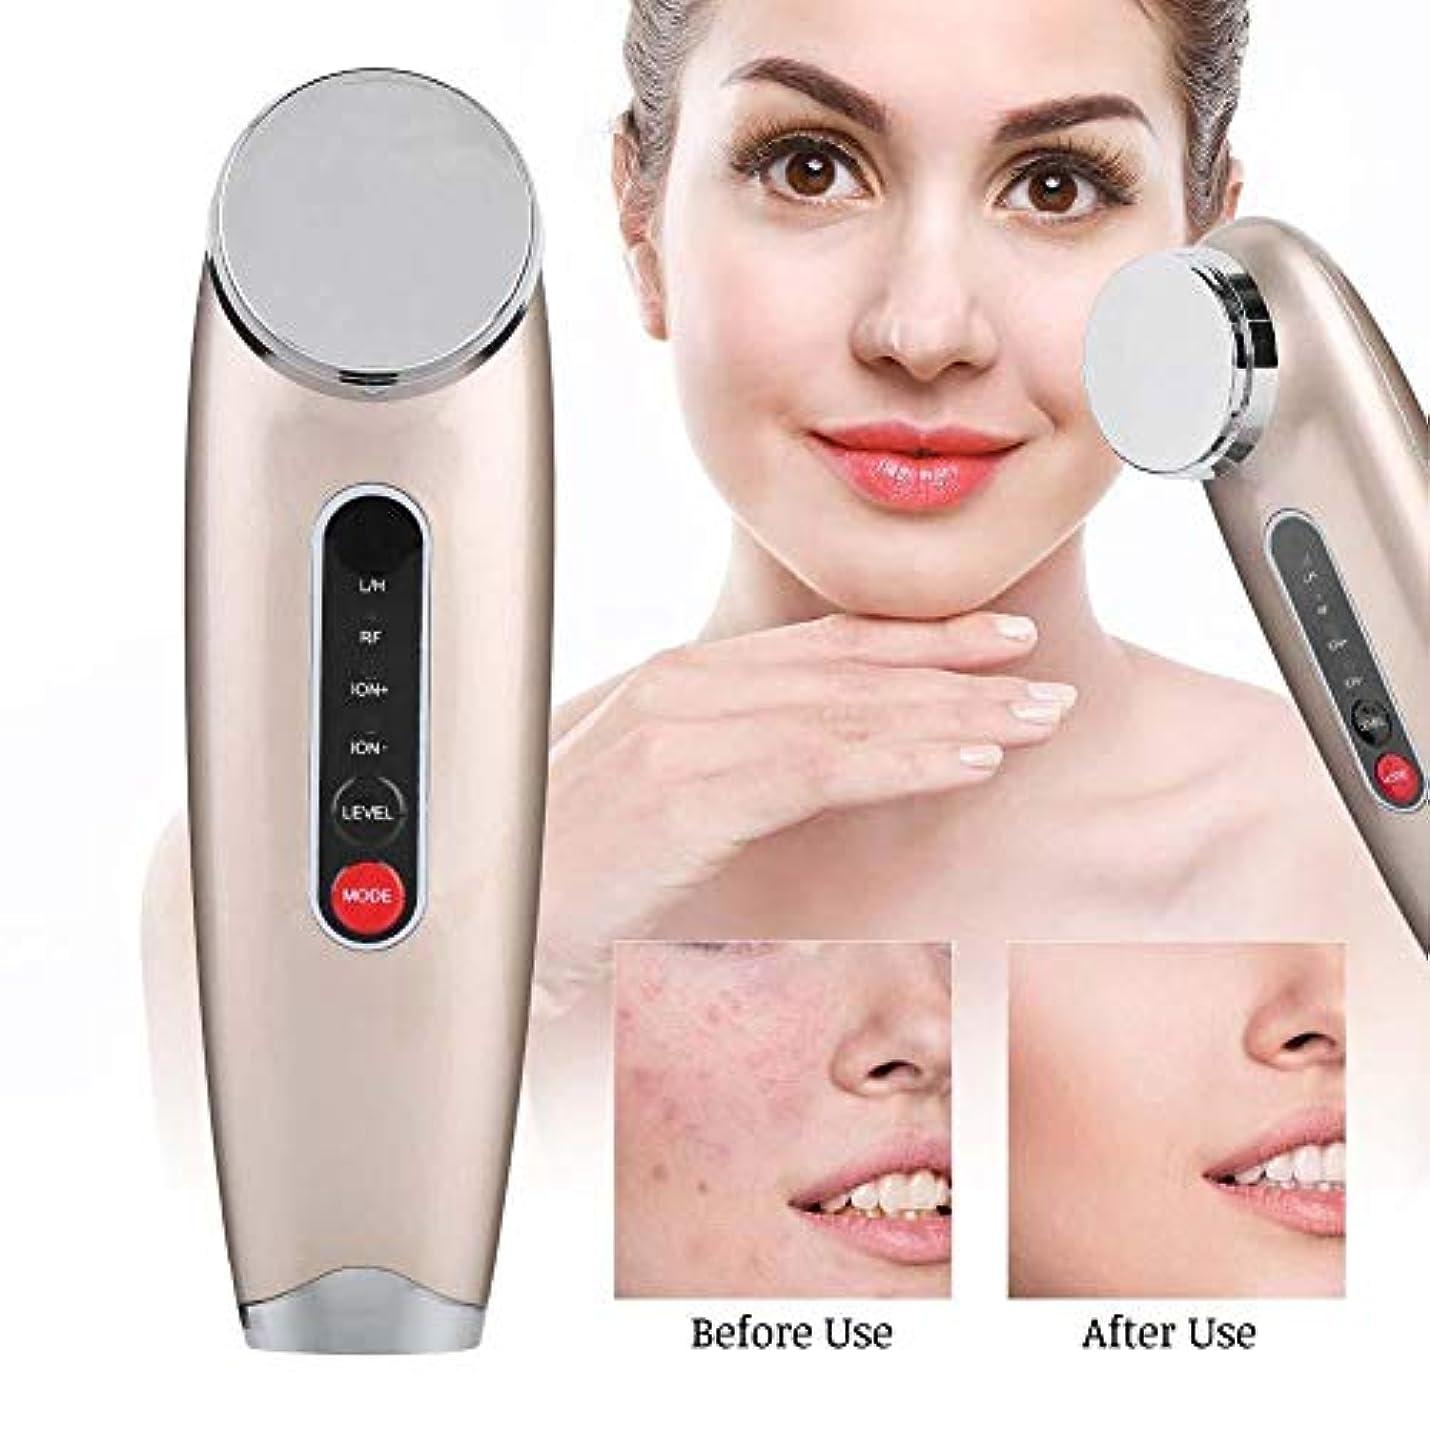 ロイヤリティ義務不利フェイシャルビューティーマシーン - しわ、スキンケア用品、洗顔料、フェイシャルリフトを引き締め、肌を若返らせるために毛穴を縮めます